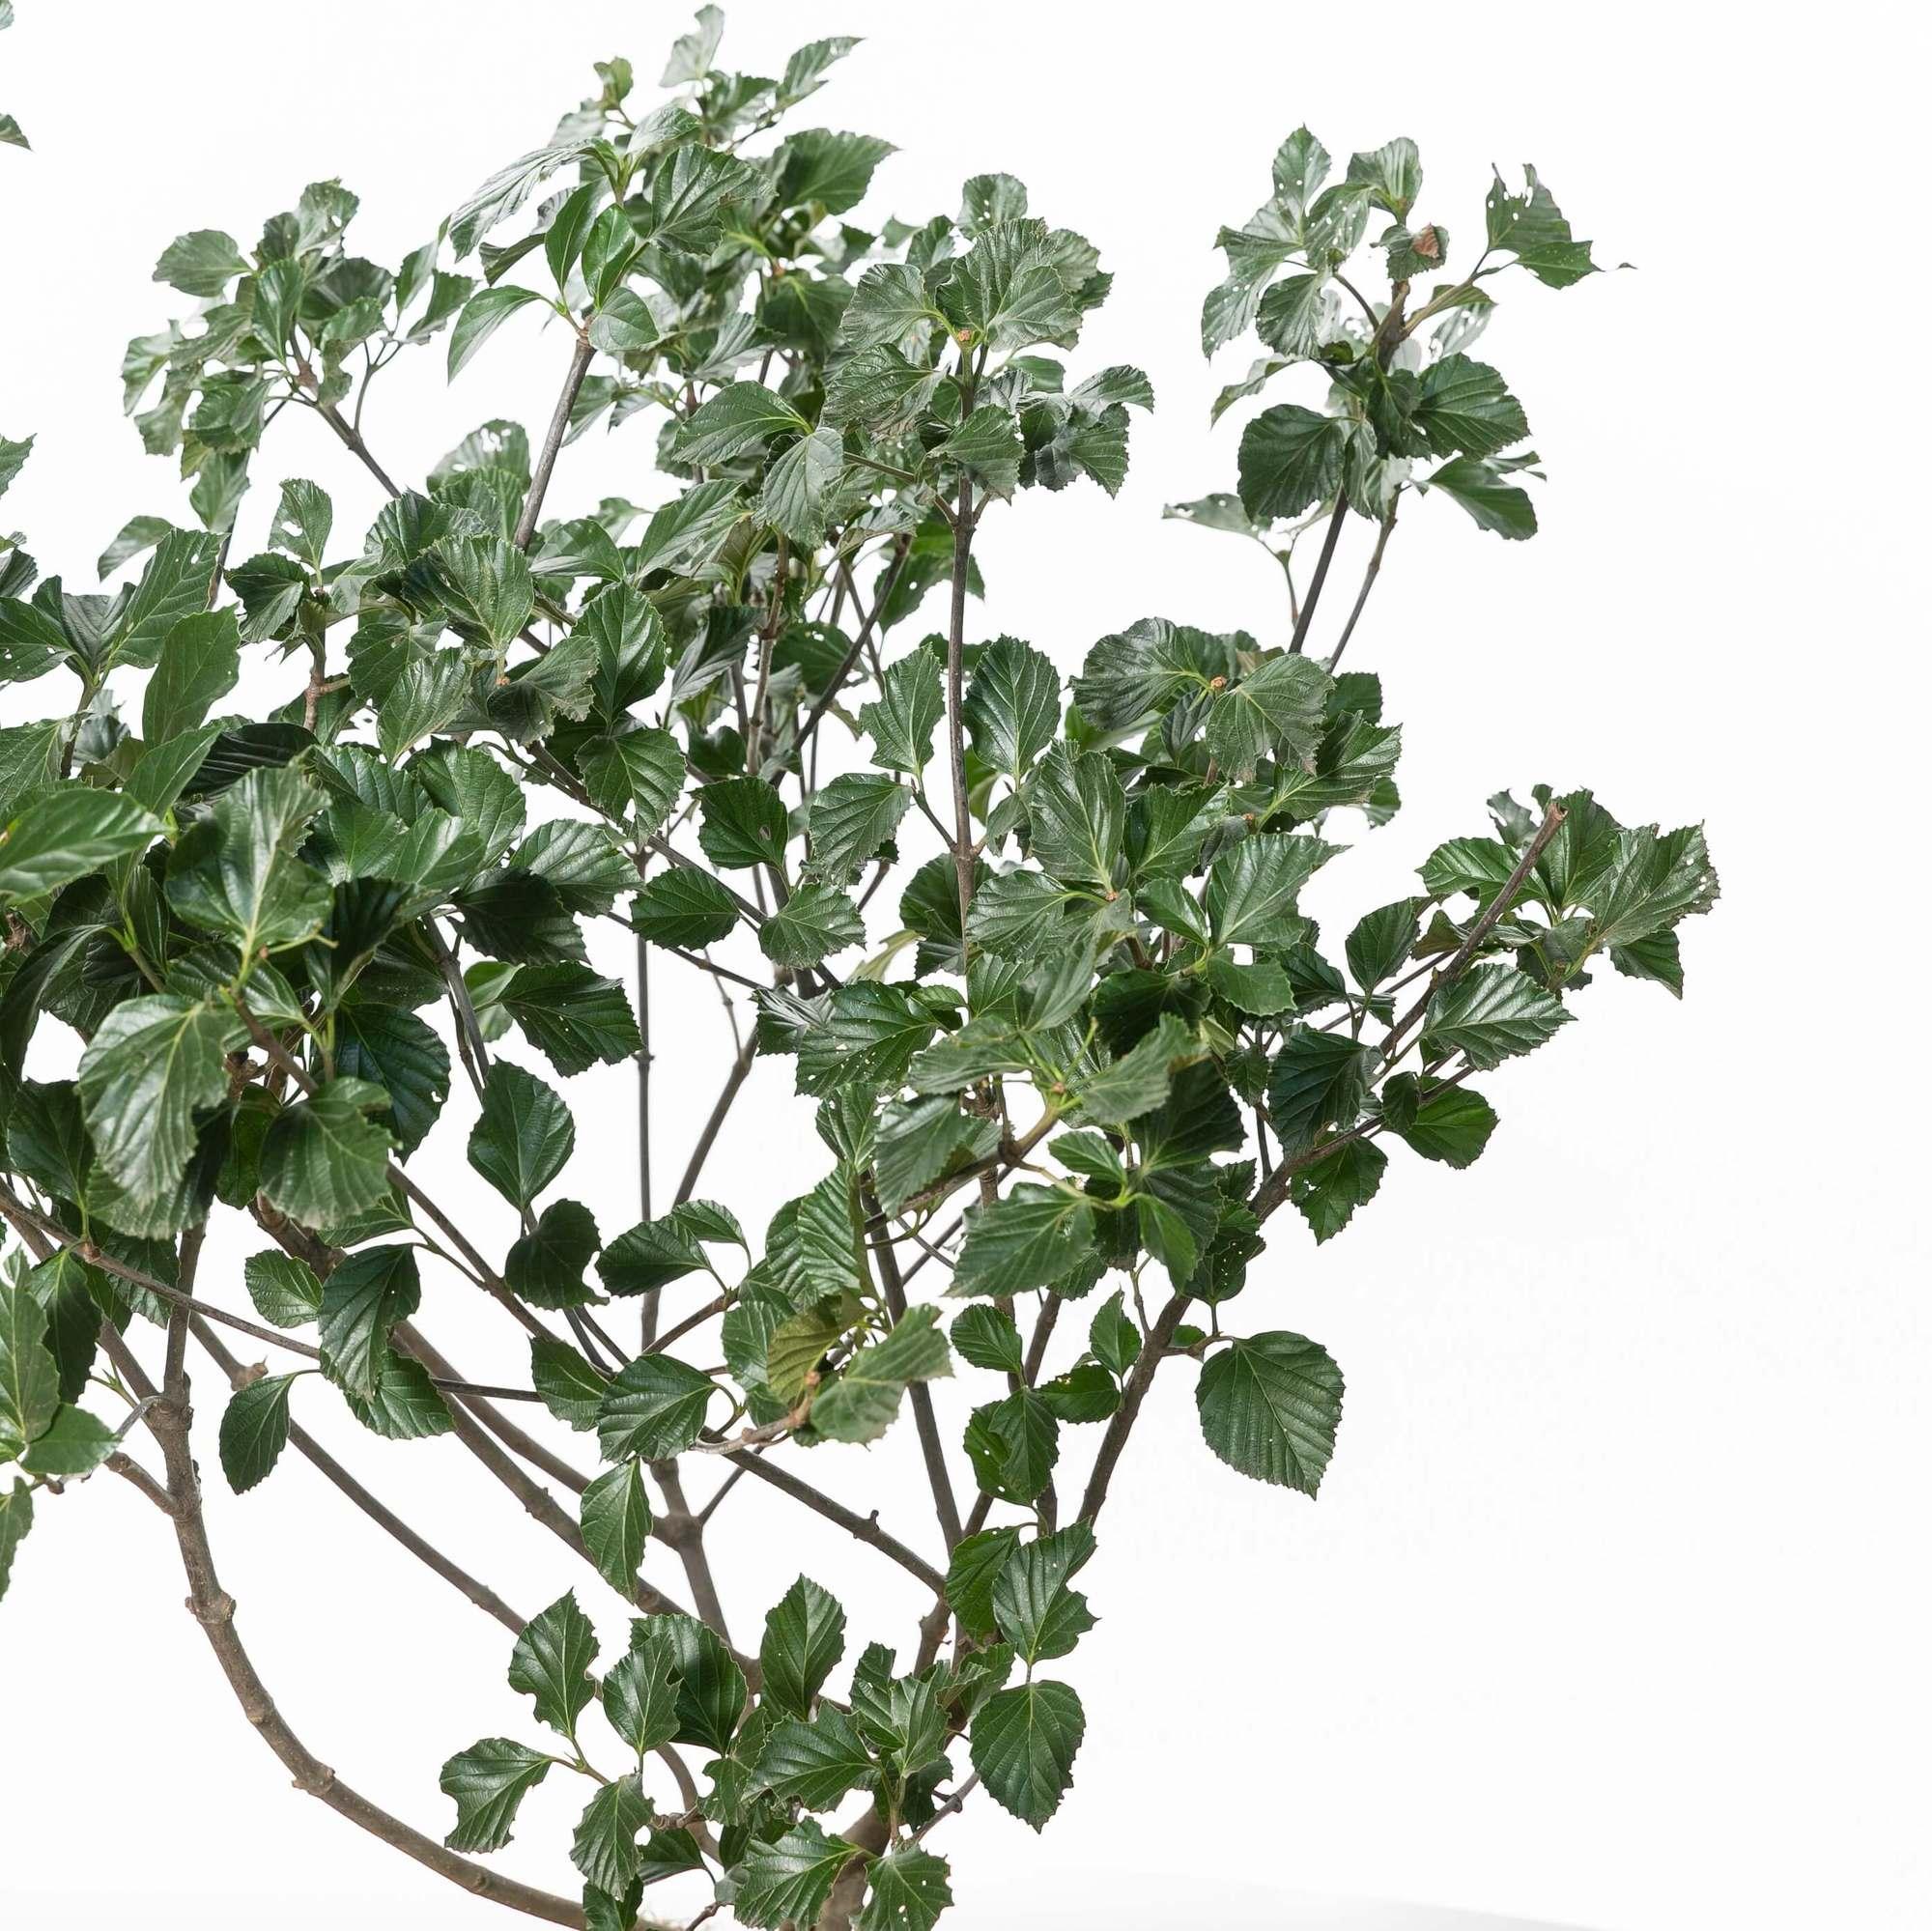 ハクサンボク(白山木)植栽 お庭 ガーデン